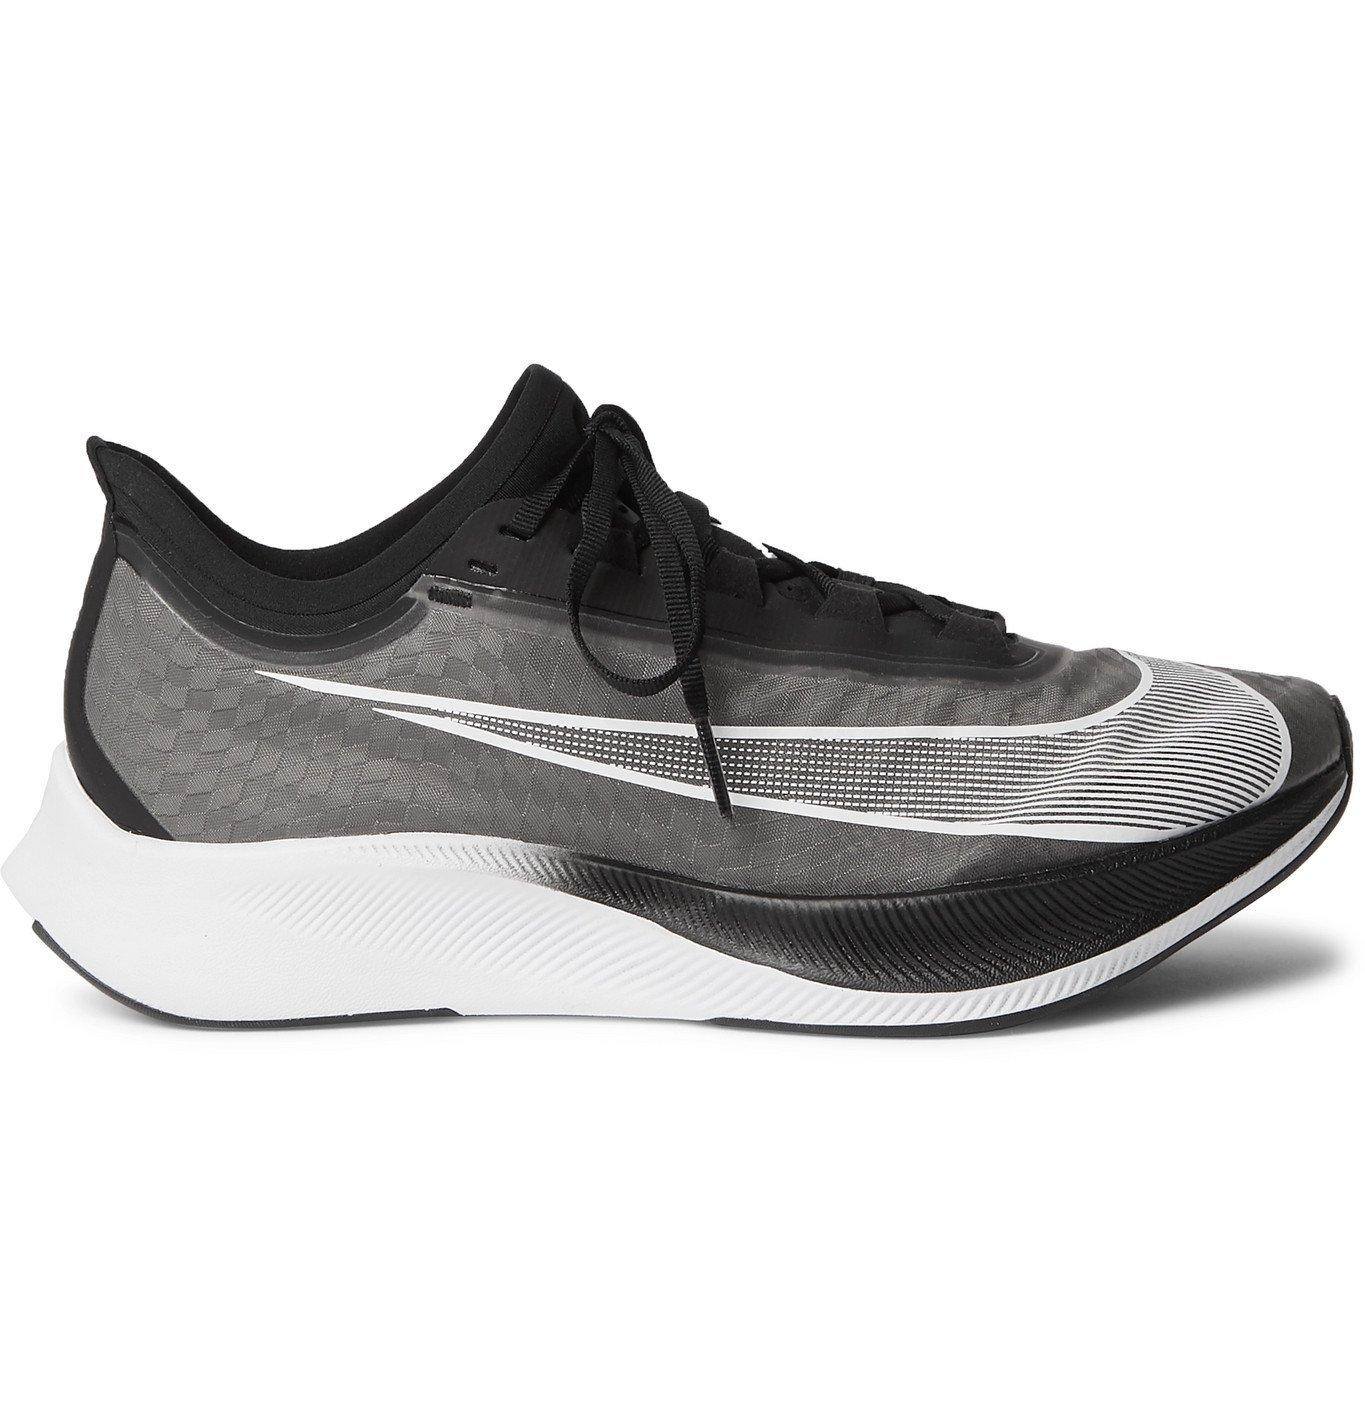 Nike Running - Zoom Fly 3 Mesh Running Sneakers - Black